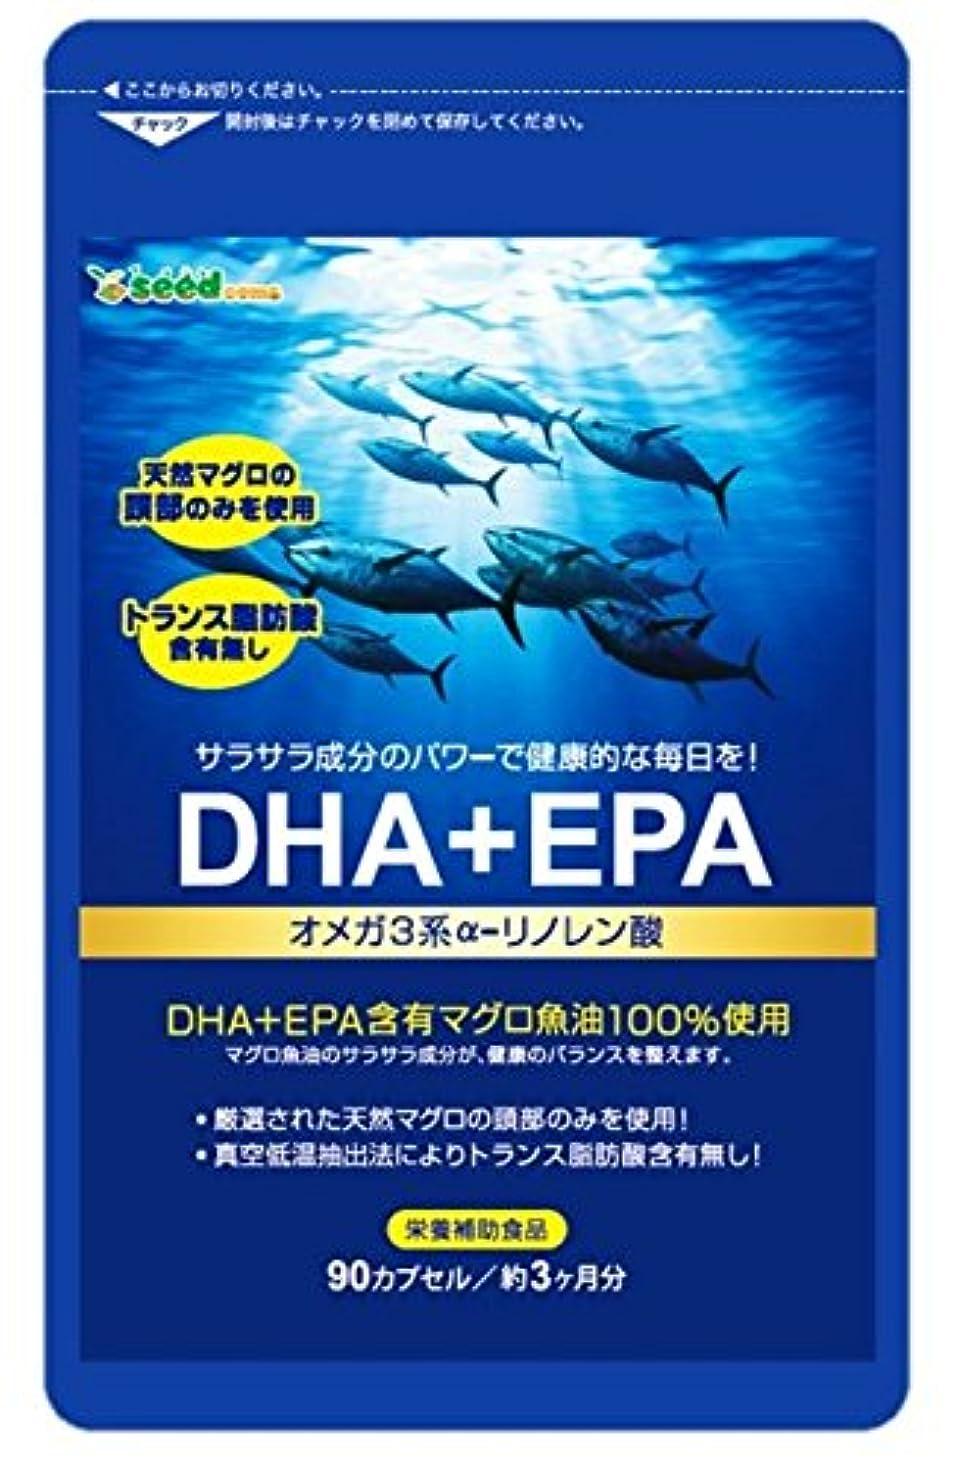 珍しい強盗マトロンDHA + EPA 約3ヶ月分/90粒 (オメガ系 α-リノレン酸) ビンチョウマグロの頭部のみを贅沢に使用!トランス脂肪酸 0mg